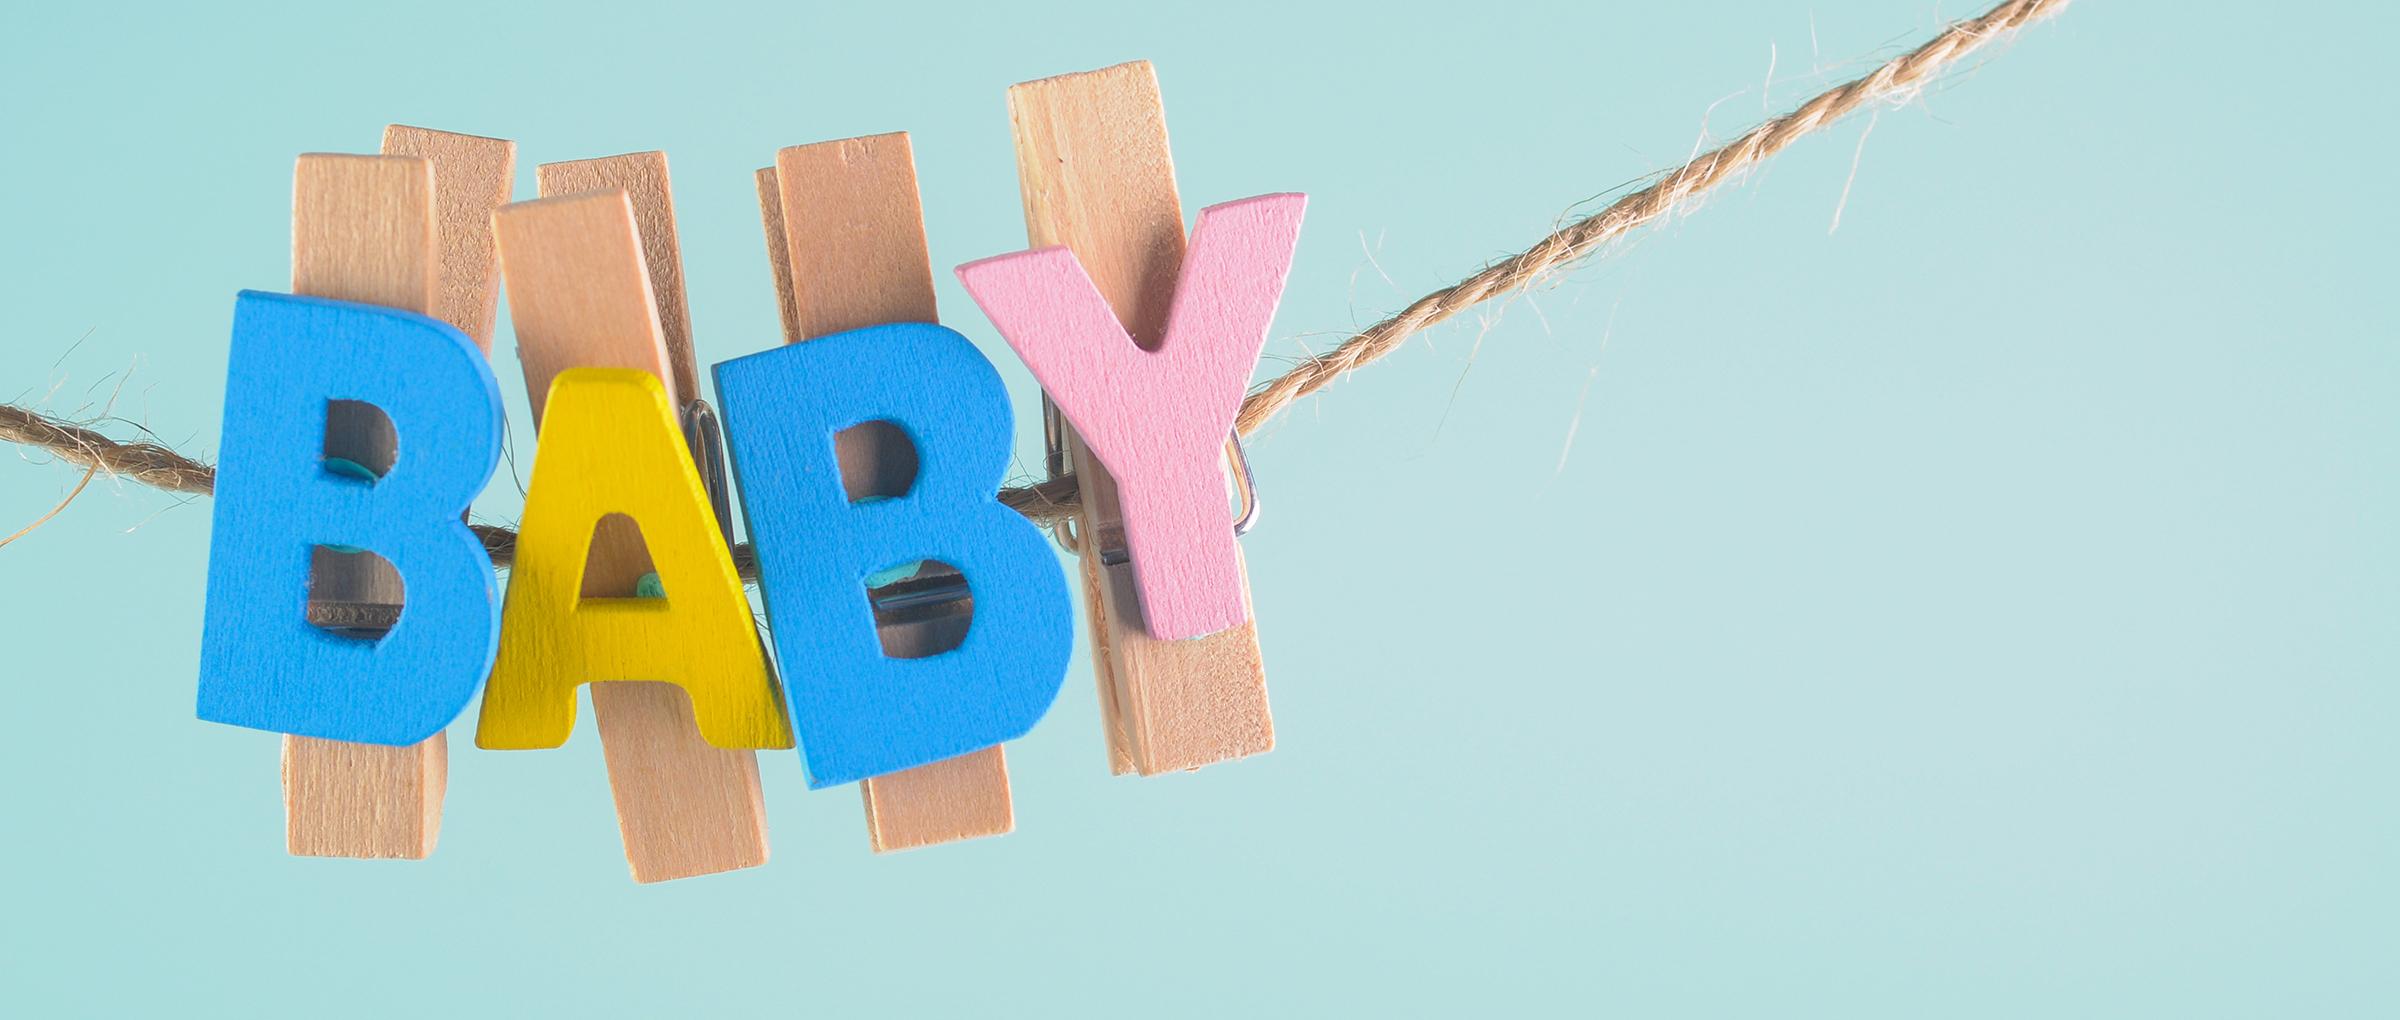 Fertility Source Companies será uno de los expositores de la feria Surrofair